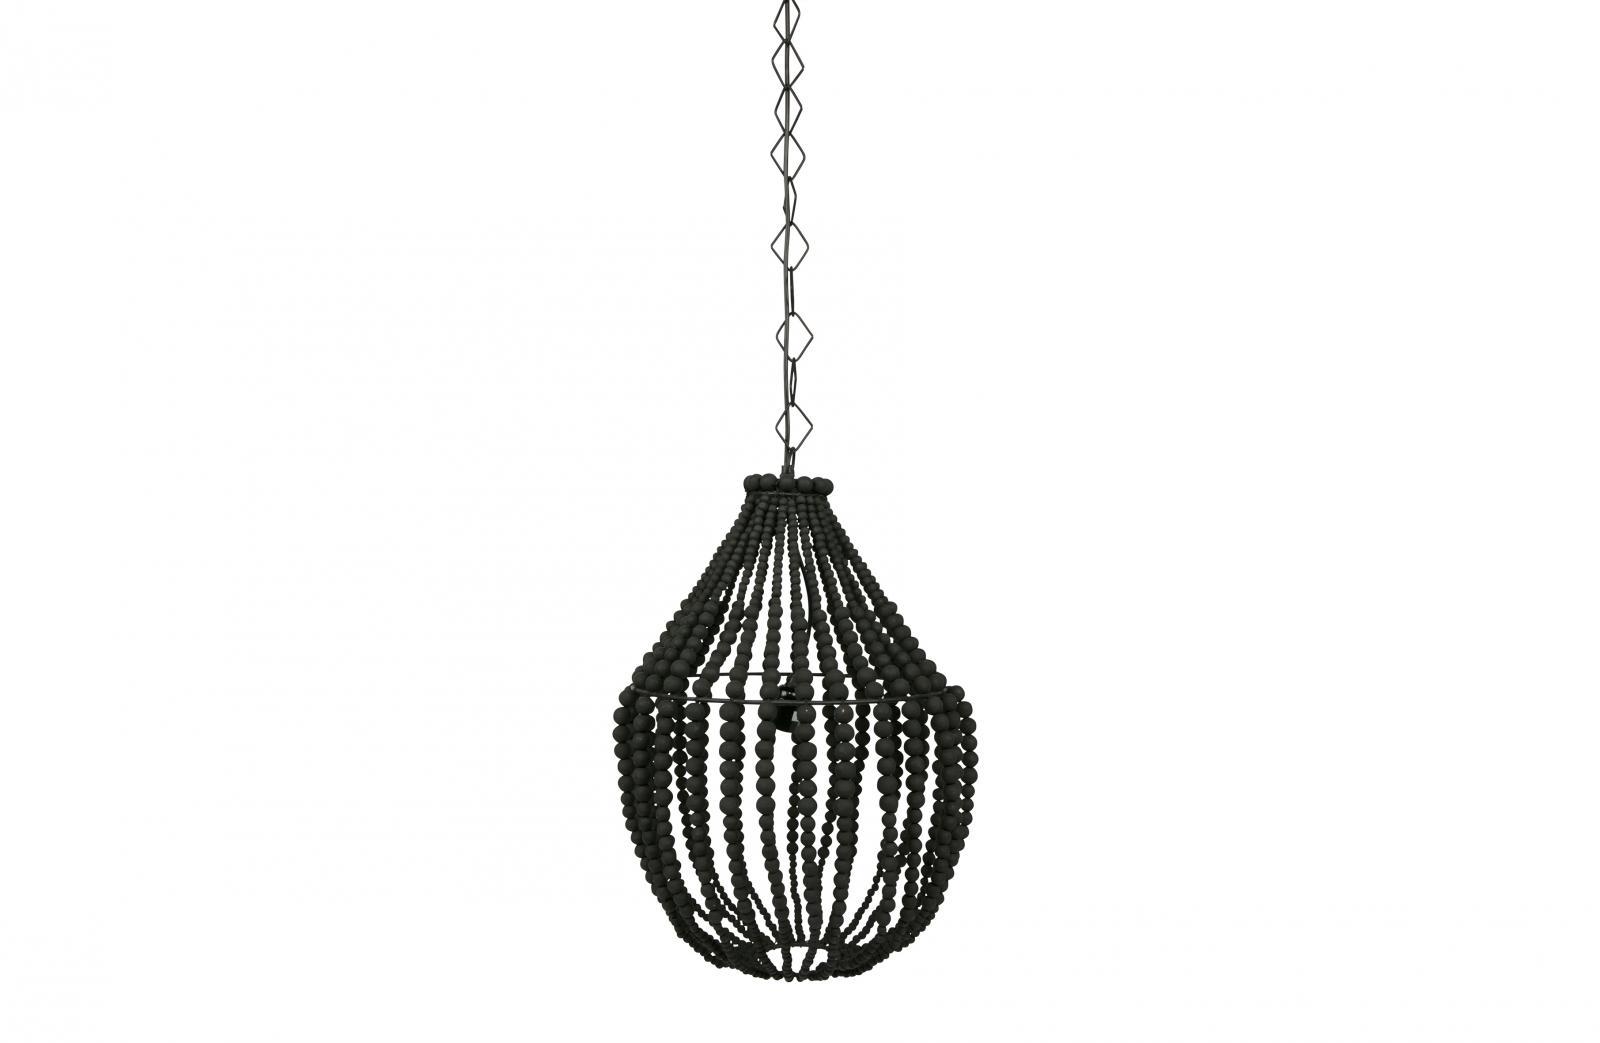 bepurehome funale kronleuchter holz gro schwarz. Black Bedroom Furniture Sets. Home Design Ideas